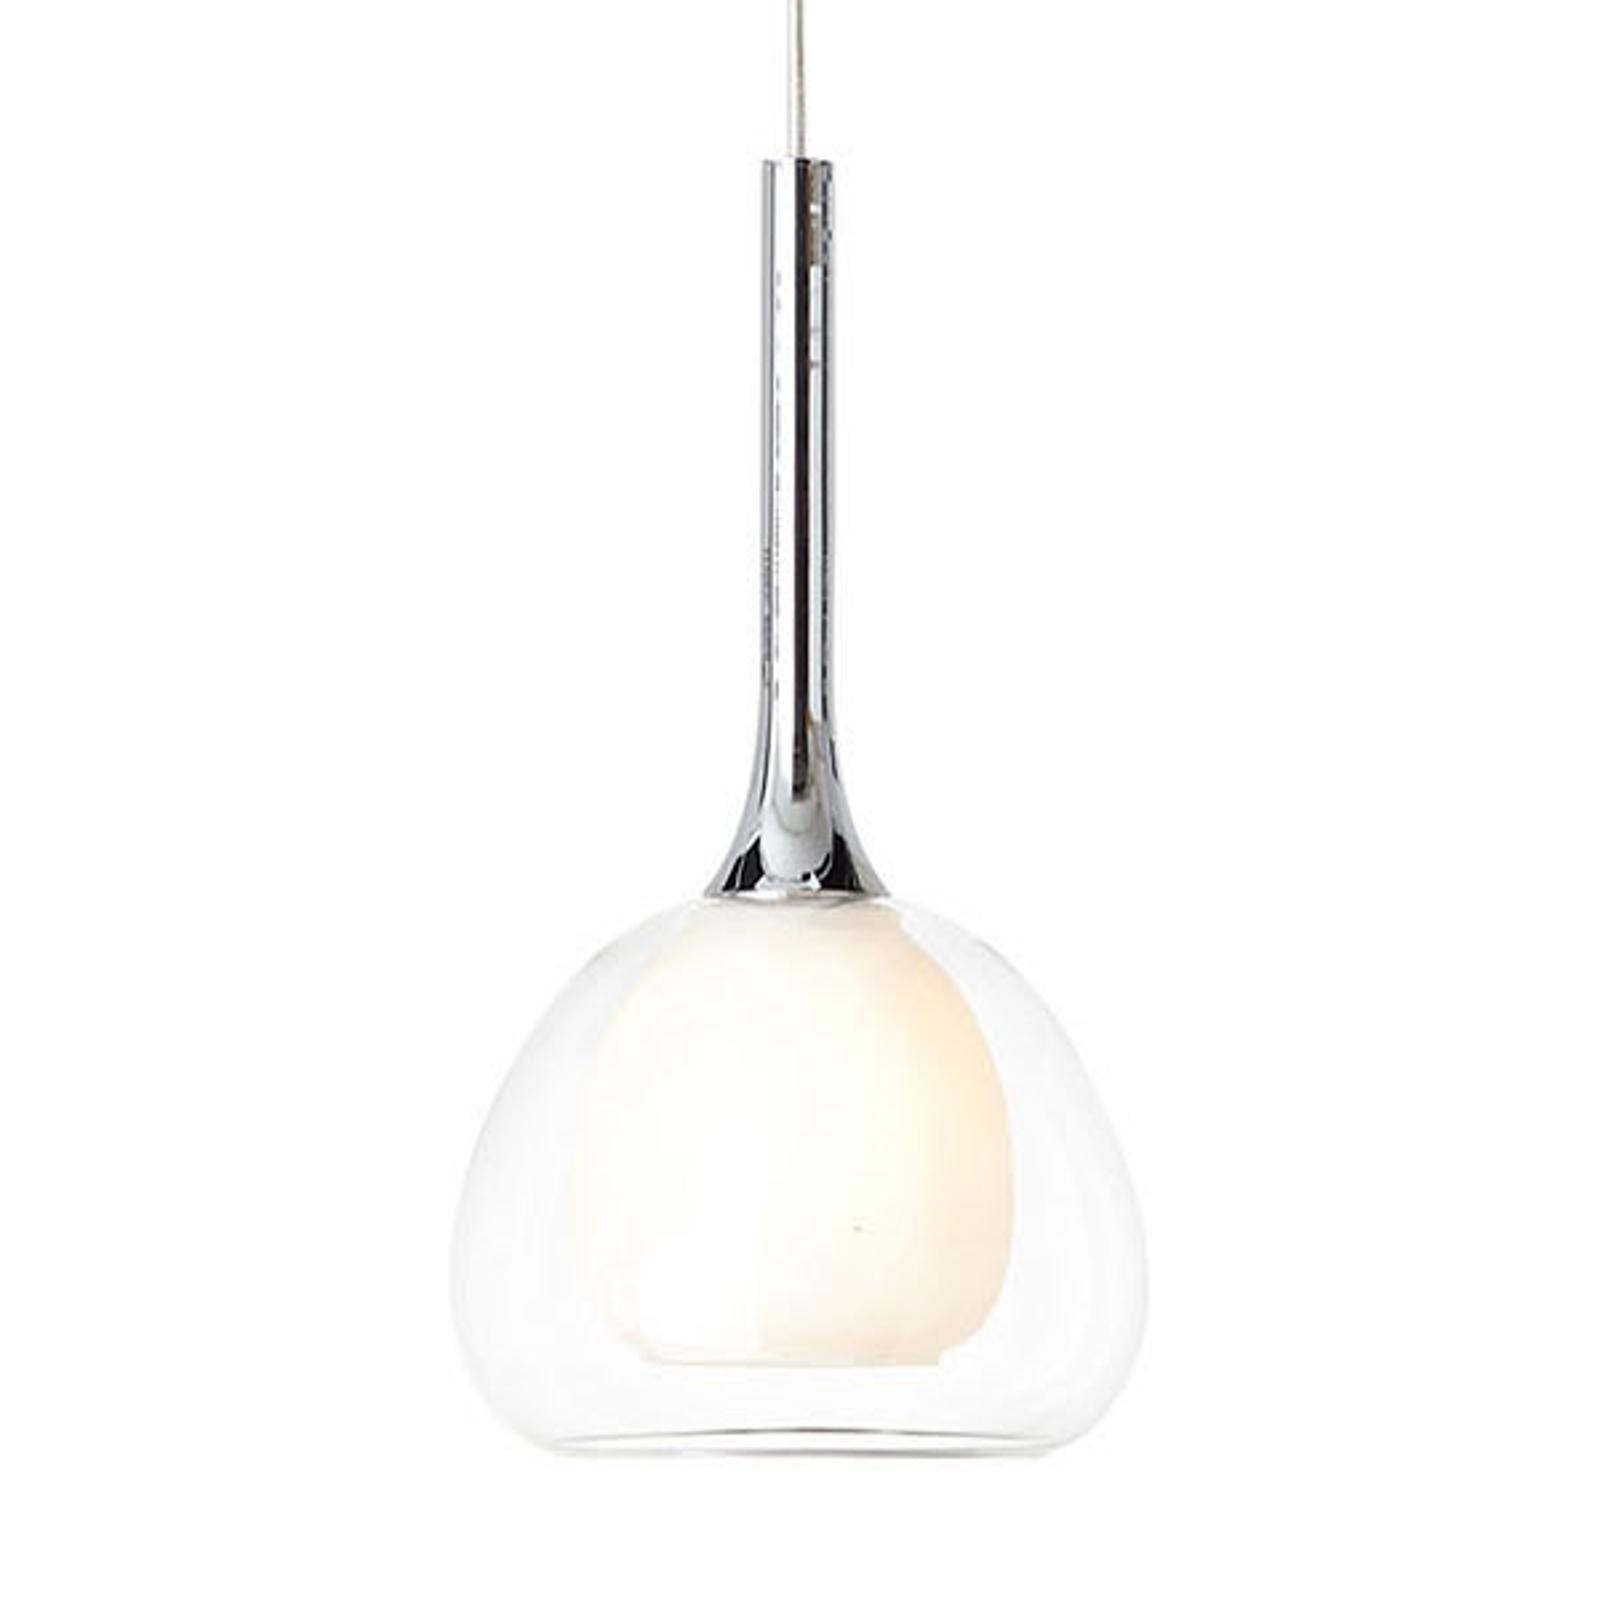 Lampa wisząca Hadan, 1-pkt. biała/przezroczysta